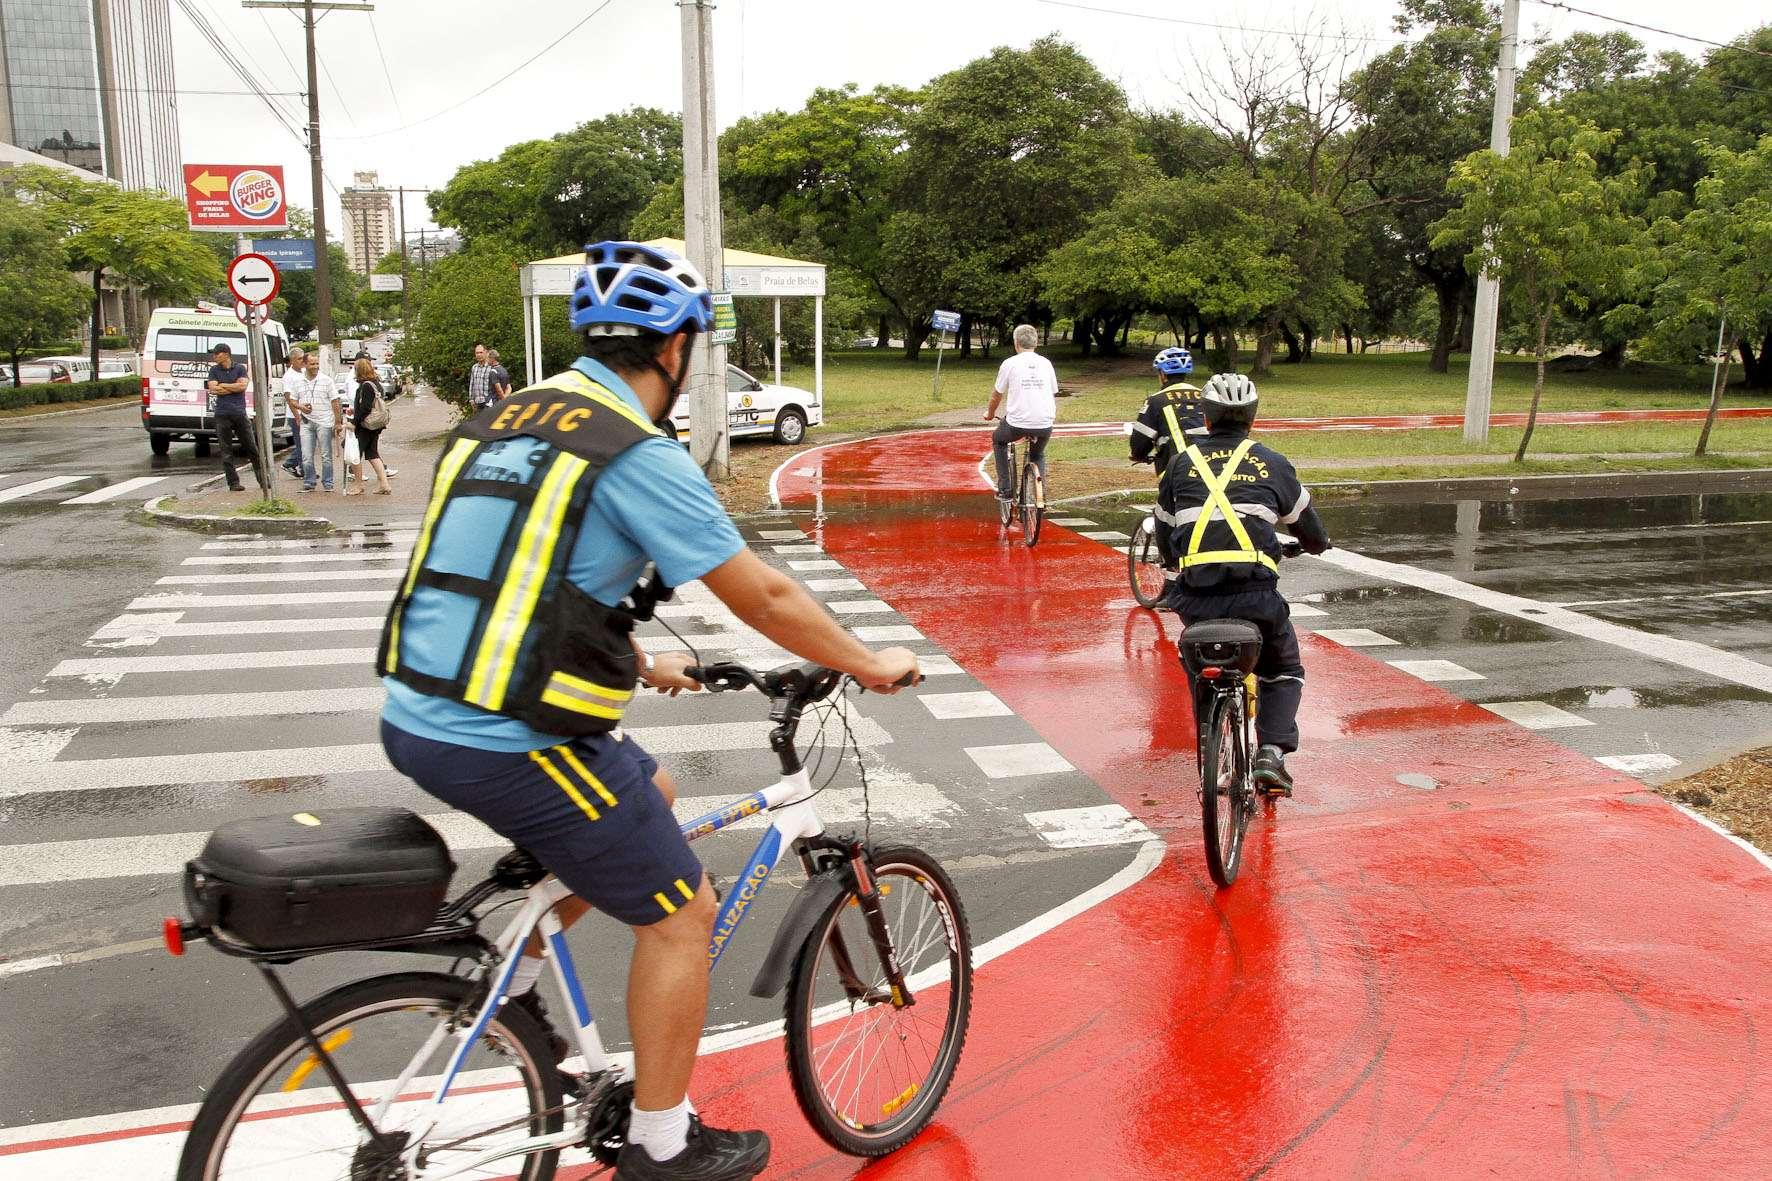 Prefeito de POrto Alegre, José Fortunati, percorre ciclovia construída em cima de passeio público na av. Ipiranga Foto: Cristine Rochol/PMPA